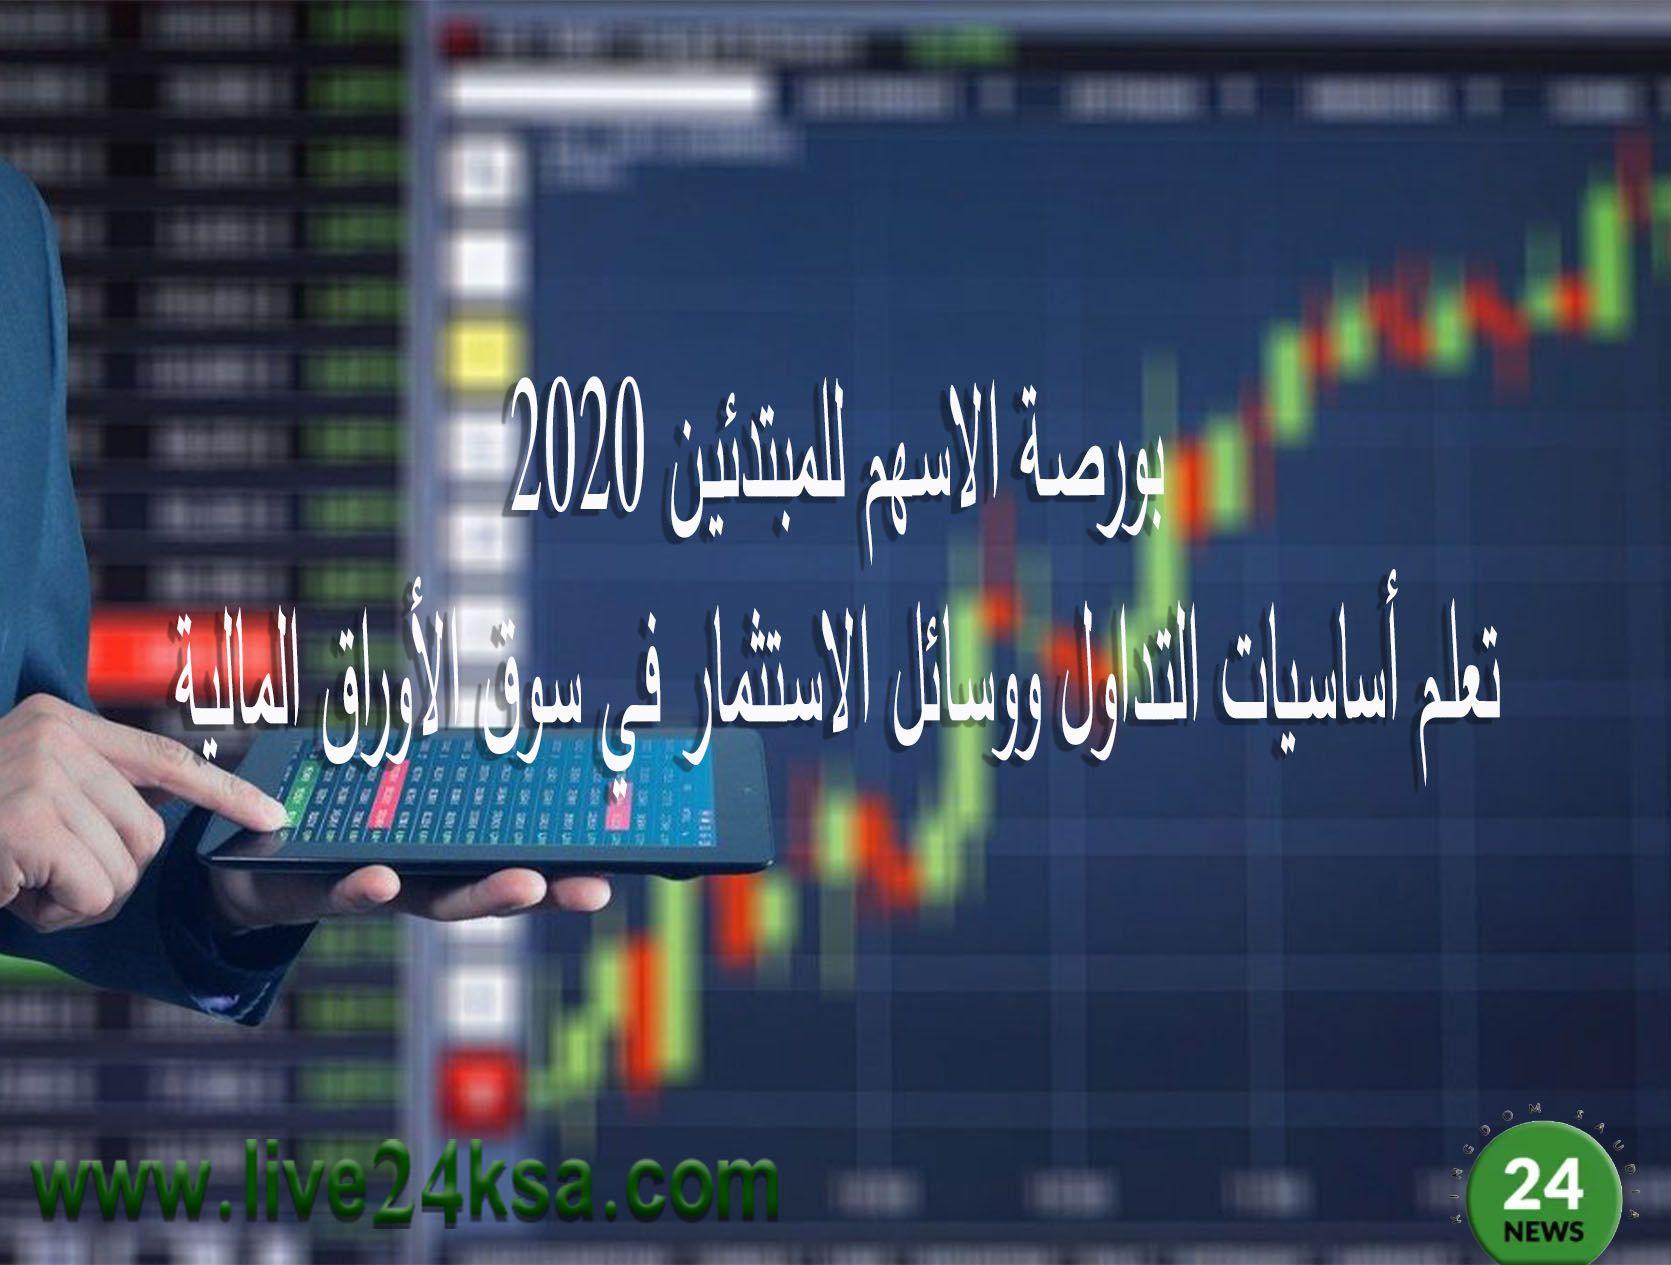 بورصة الاسهم للمبتدئين 2020 تعلم أساسيات التداول ووسائل الاستثمار في سوق الأوراق المالية Trading